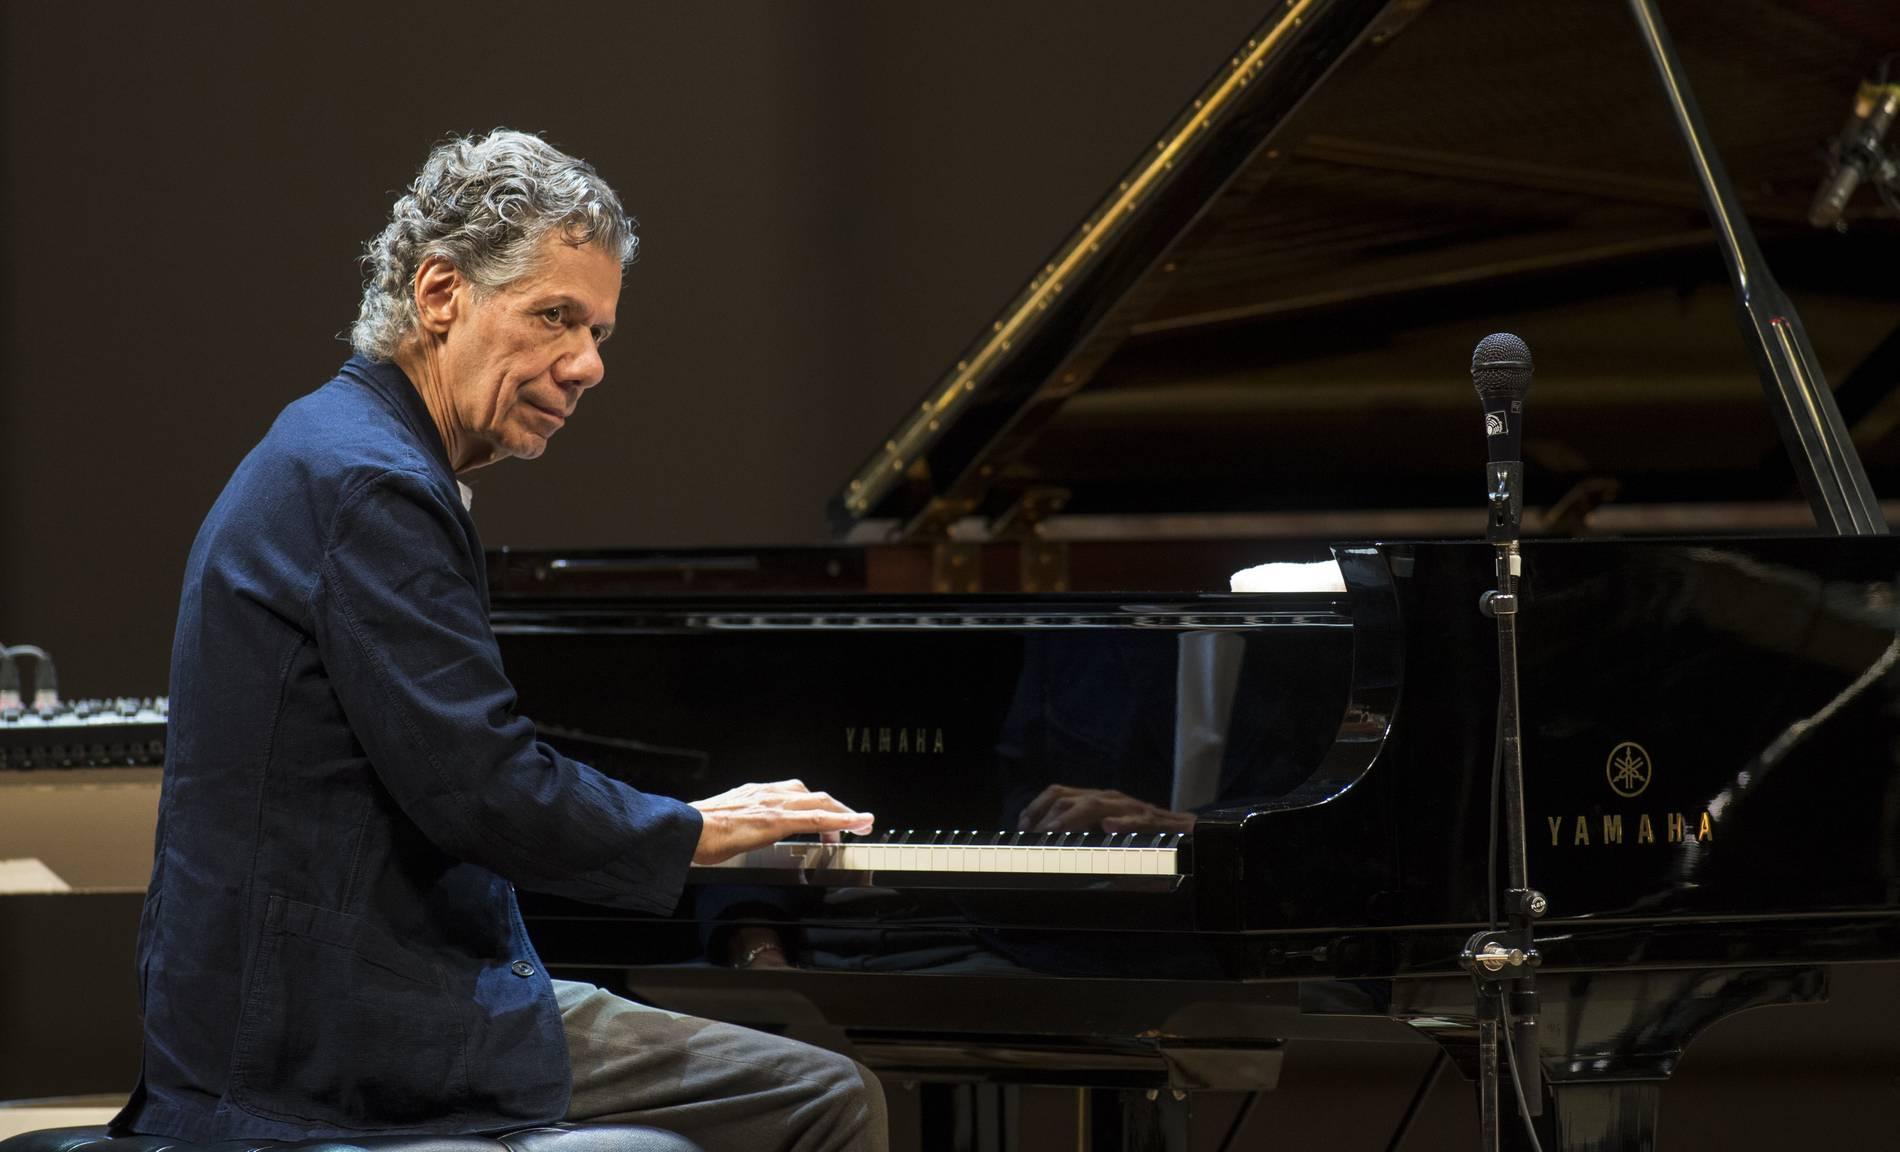 Der legendäre Jazpianist Chick Corea ist im Alter von 79 Jahren gestorben